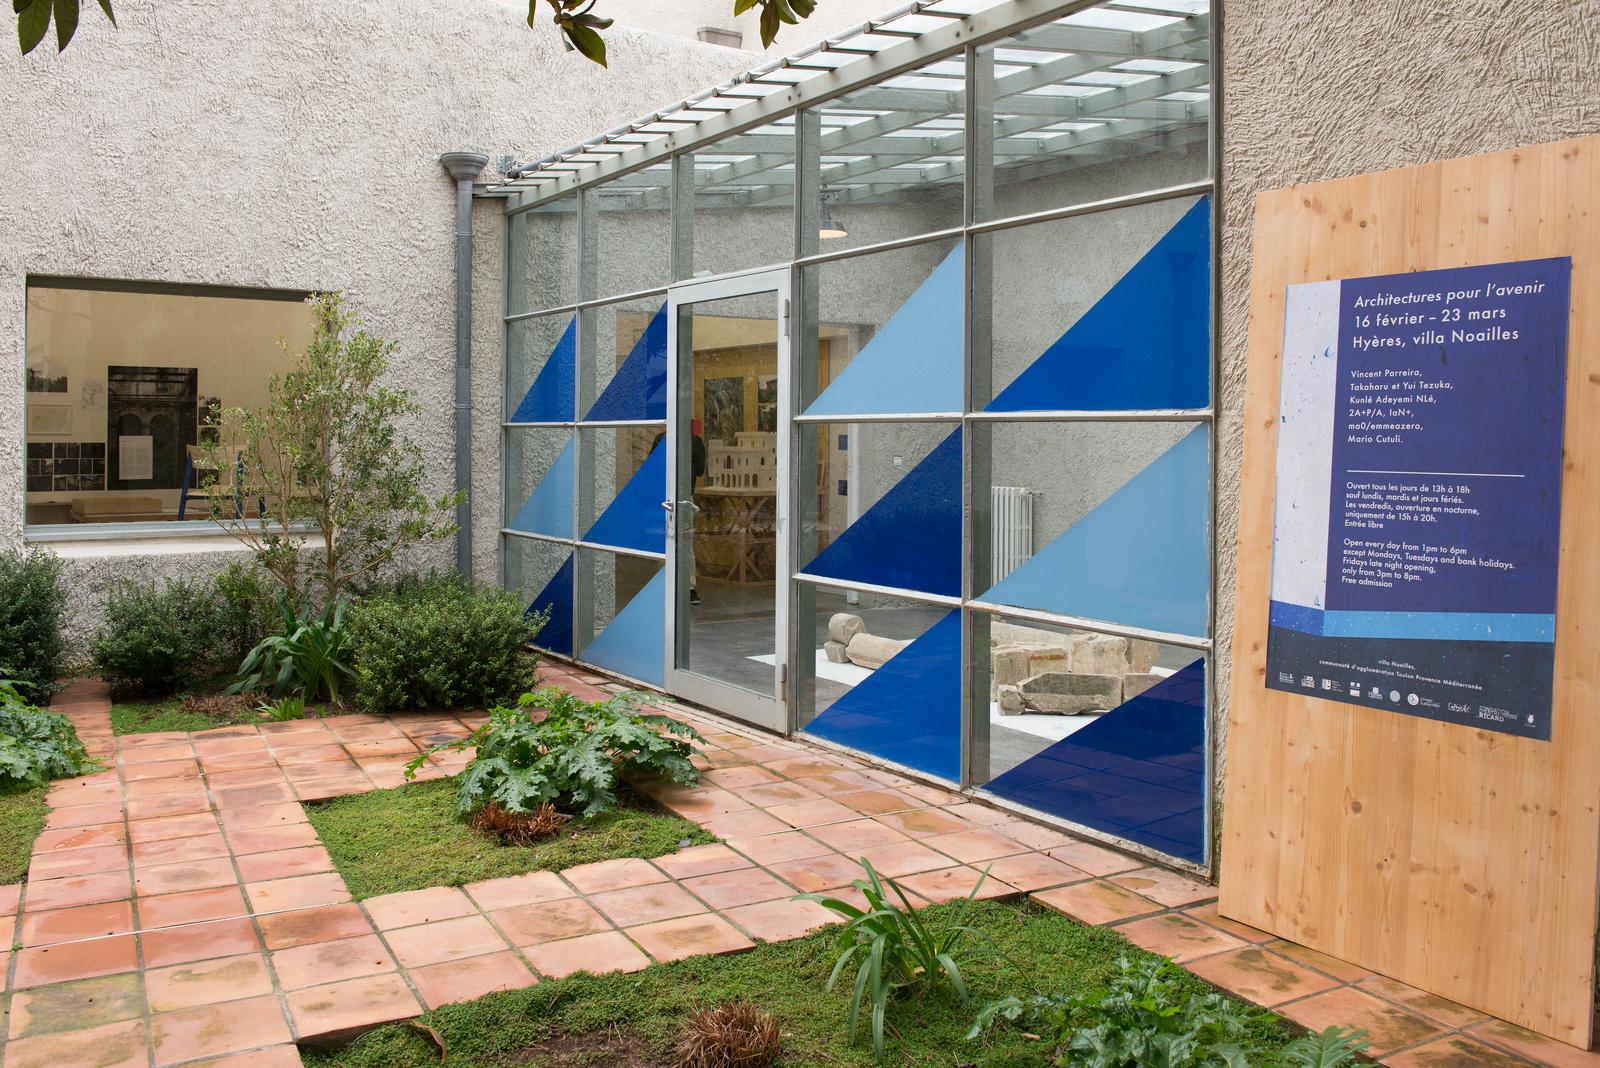 lothaire hucki studio blog archive architectures pour l 39 avenir villa noailles lothaire. Black Bedroom Furniture Sets. Home Design Ideas